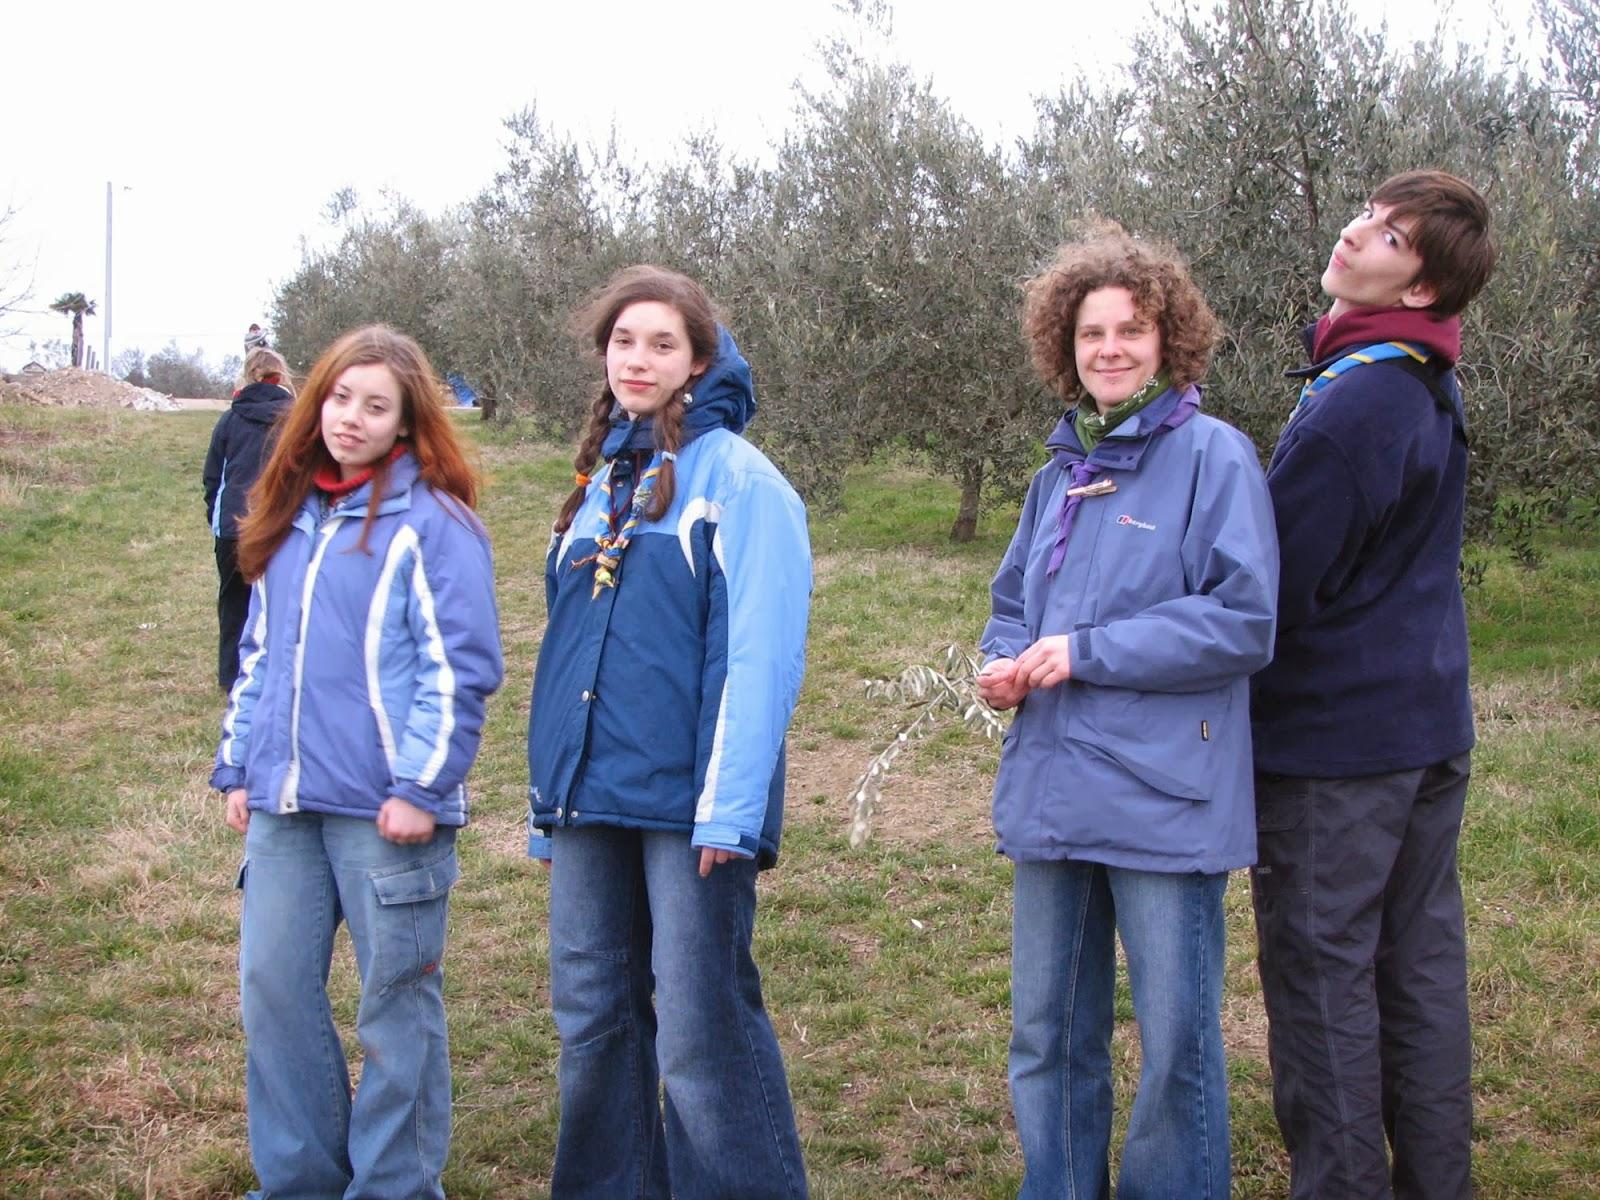 Motivacijski vikend, Lucija 2006 - motivacijski06%2B114.jpg